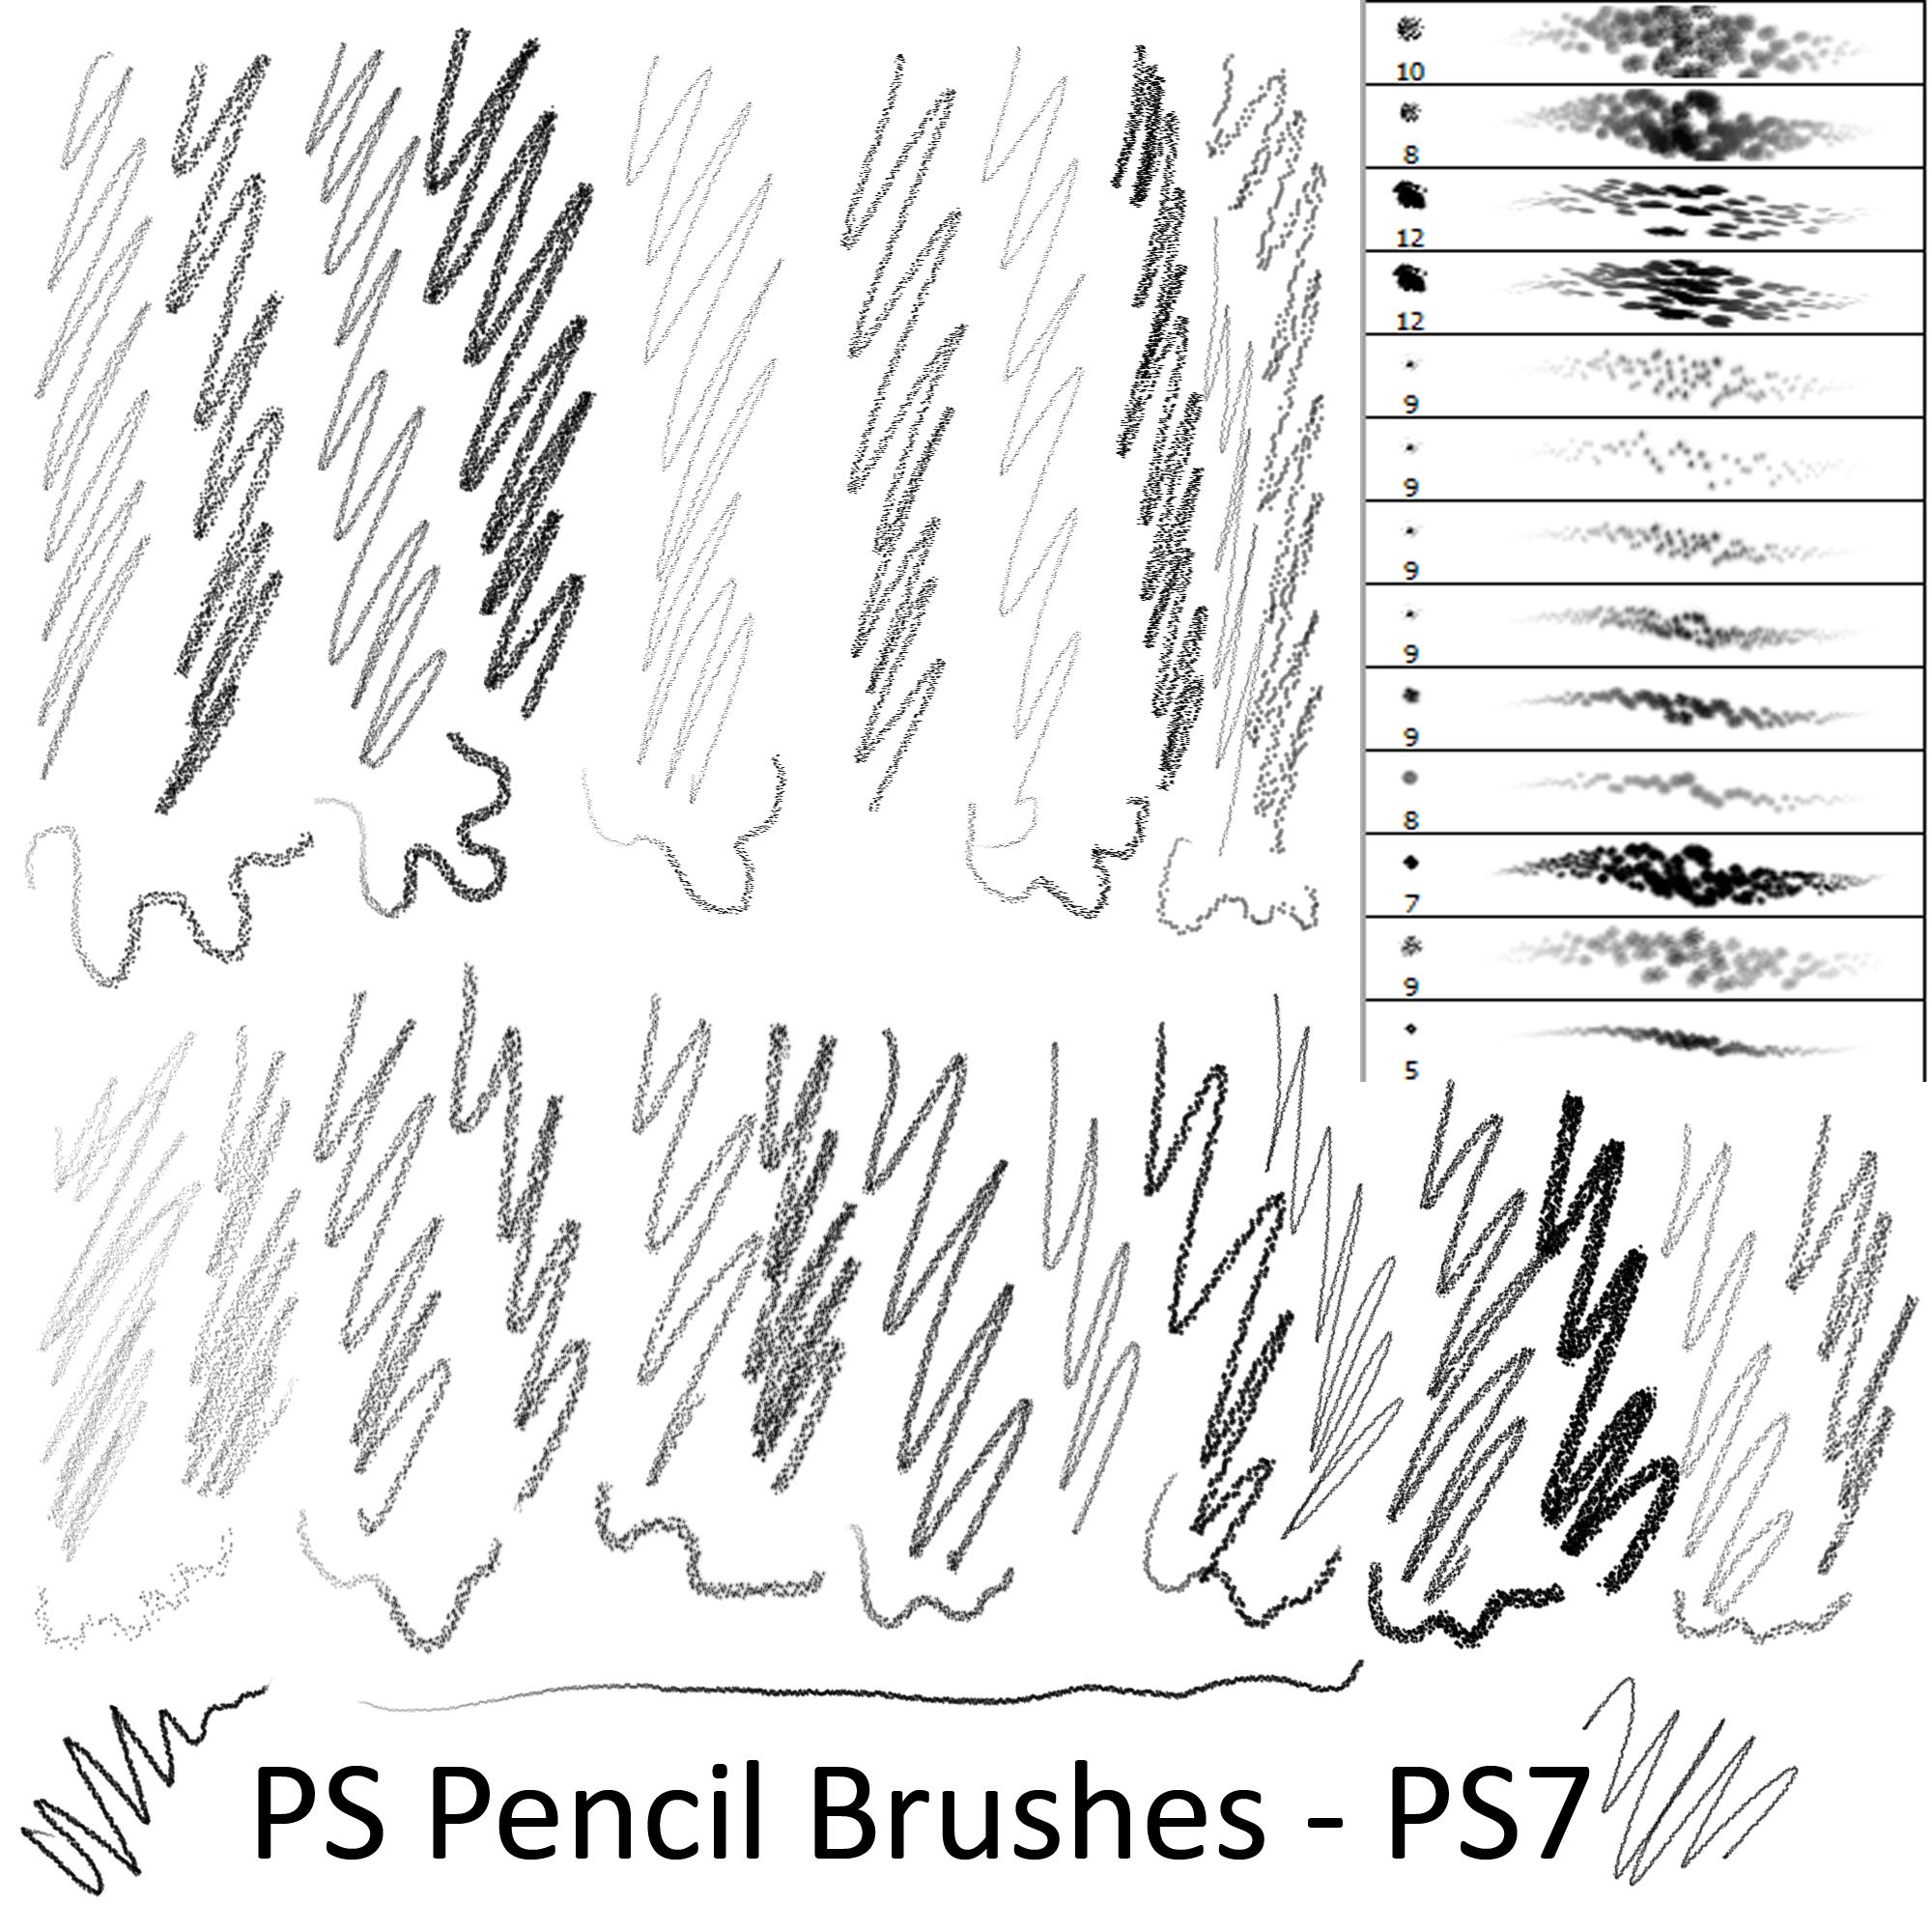 各种铅笔笔触效果PS笔刷素材